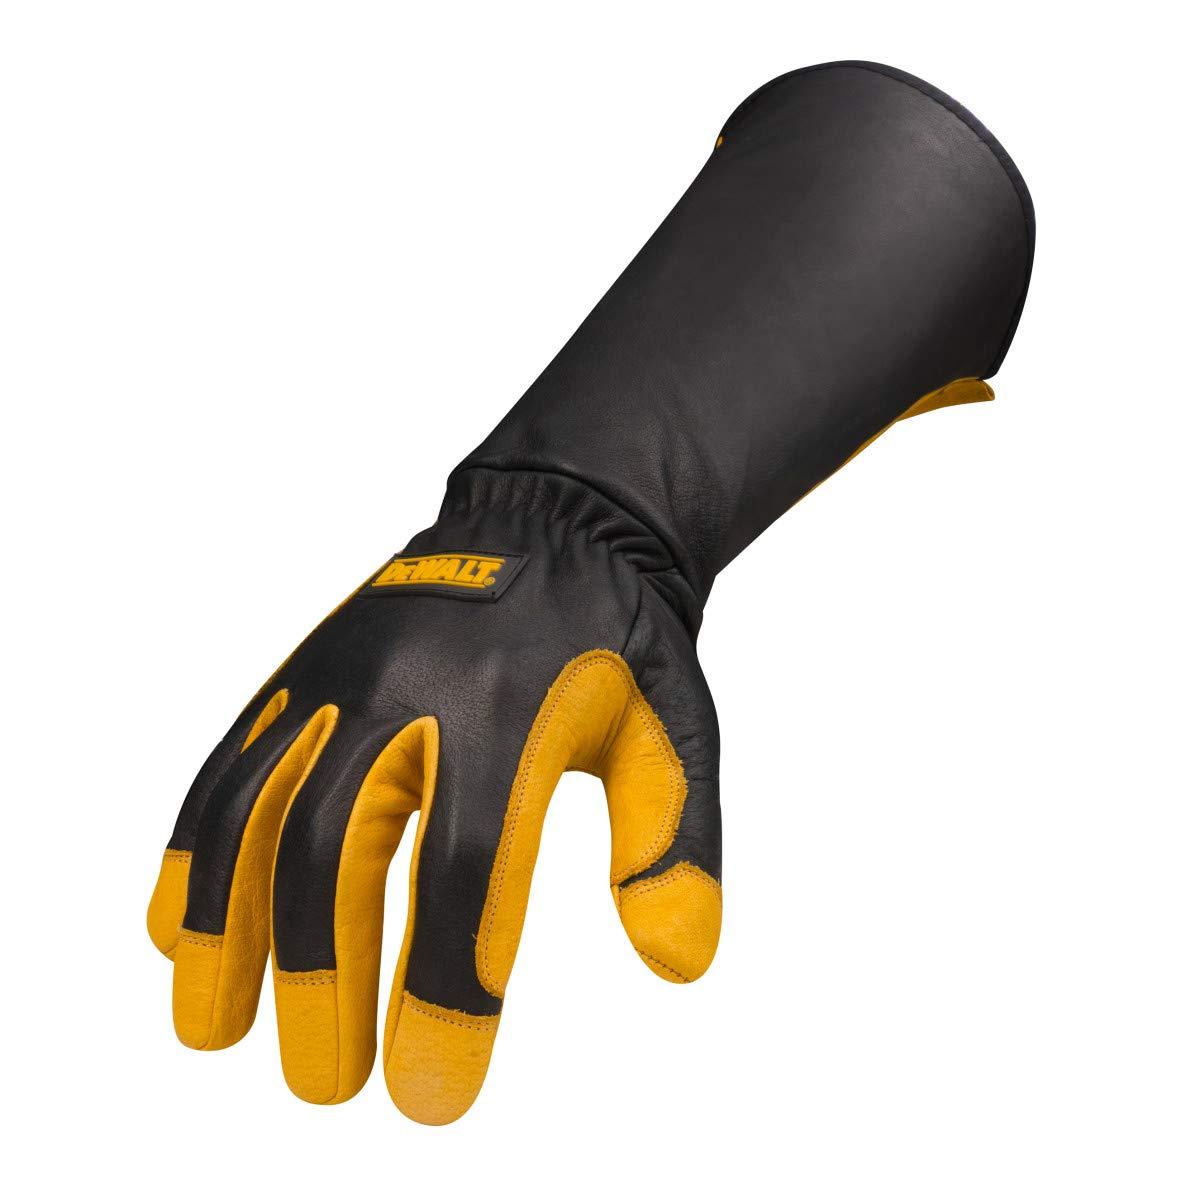 DEWALT DXMF04051MD Premium Leather Welding Gloves, Medium by DEWALT (Image #1)